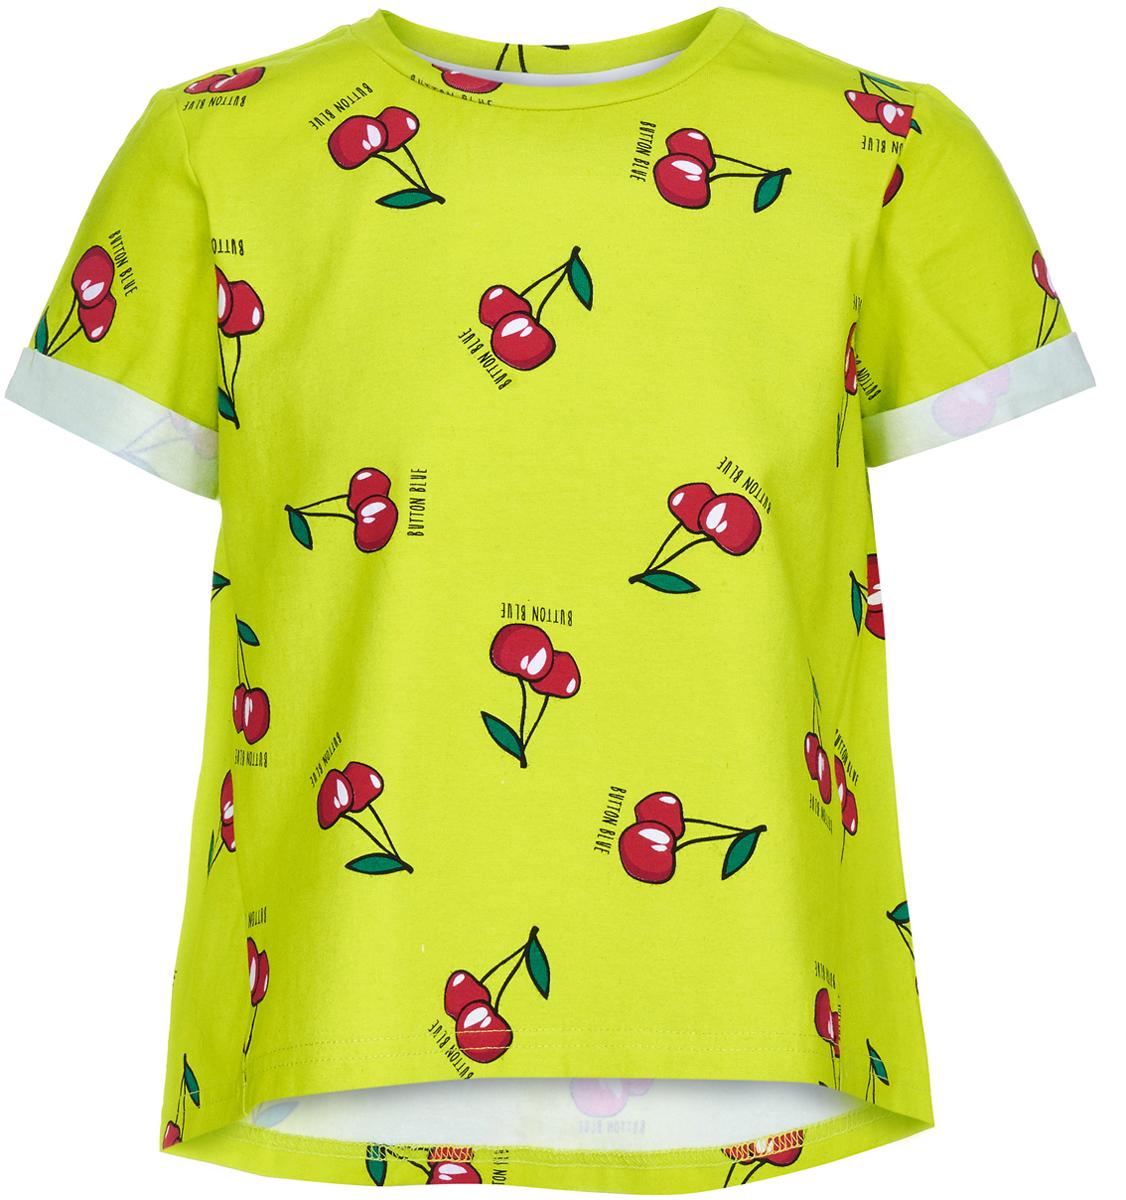 Футболка для девочки Button Blue, цвет: салатовый. 118BBGC12012719. Размер 152118BBGC12012719Легкая трикотажная футболка с коротким рукавом - идеальная одежда на лето. Она удобна, сочетается с любой другой одеждой и всегда поможет создать модный свежий образ. Яркие принты делают футболку непохожей на другие.